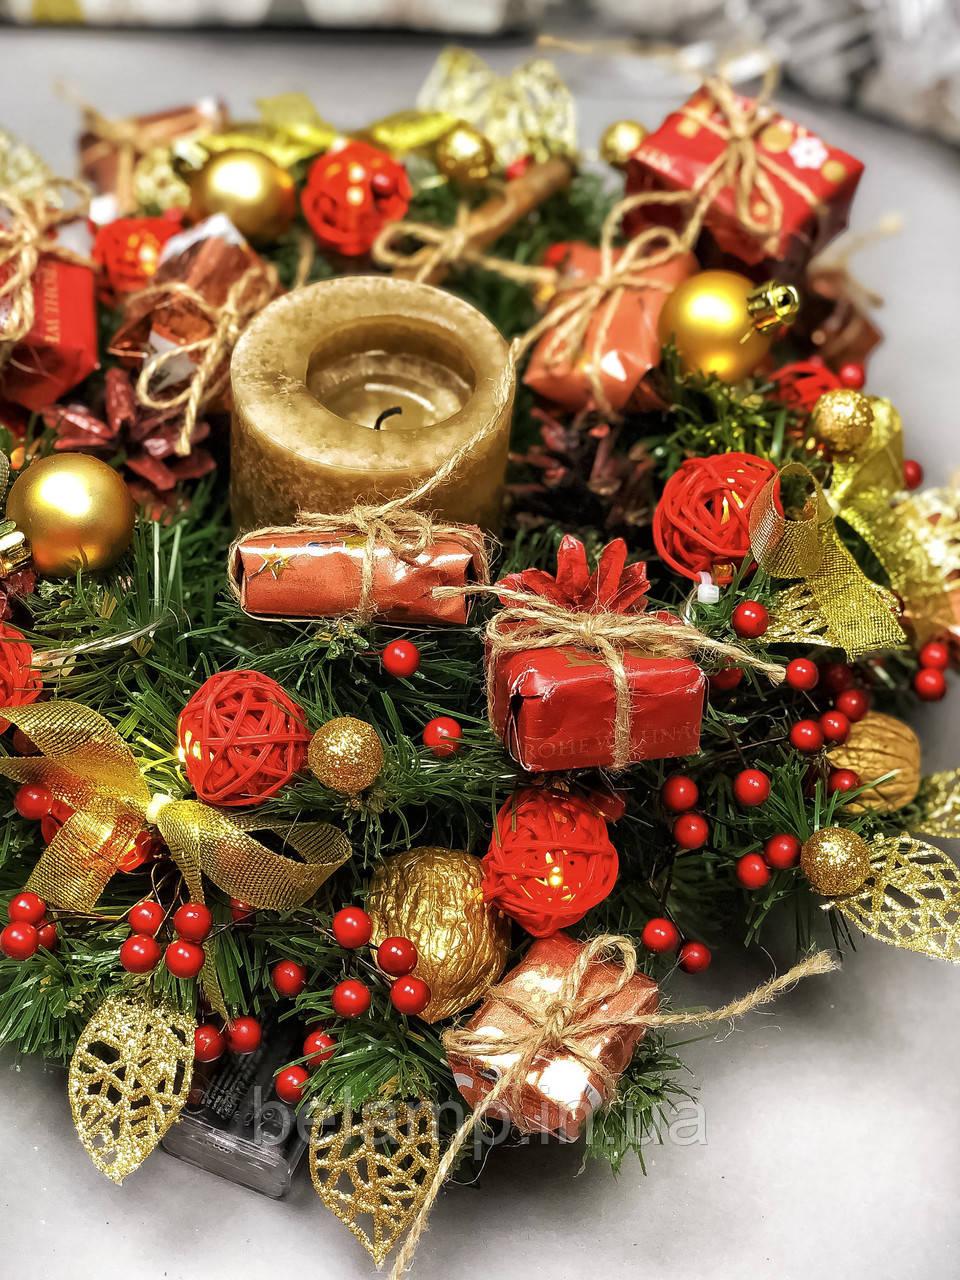 Рождественский венок с гирляндой от батареек «Яркие моменты»